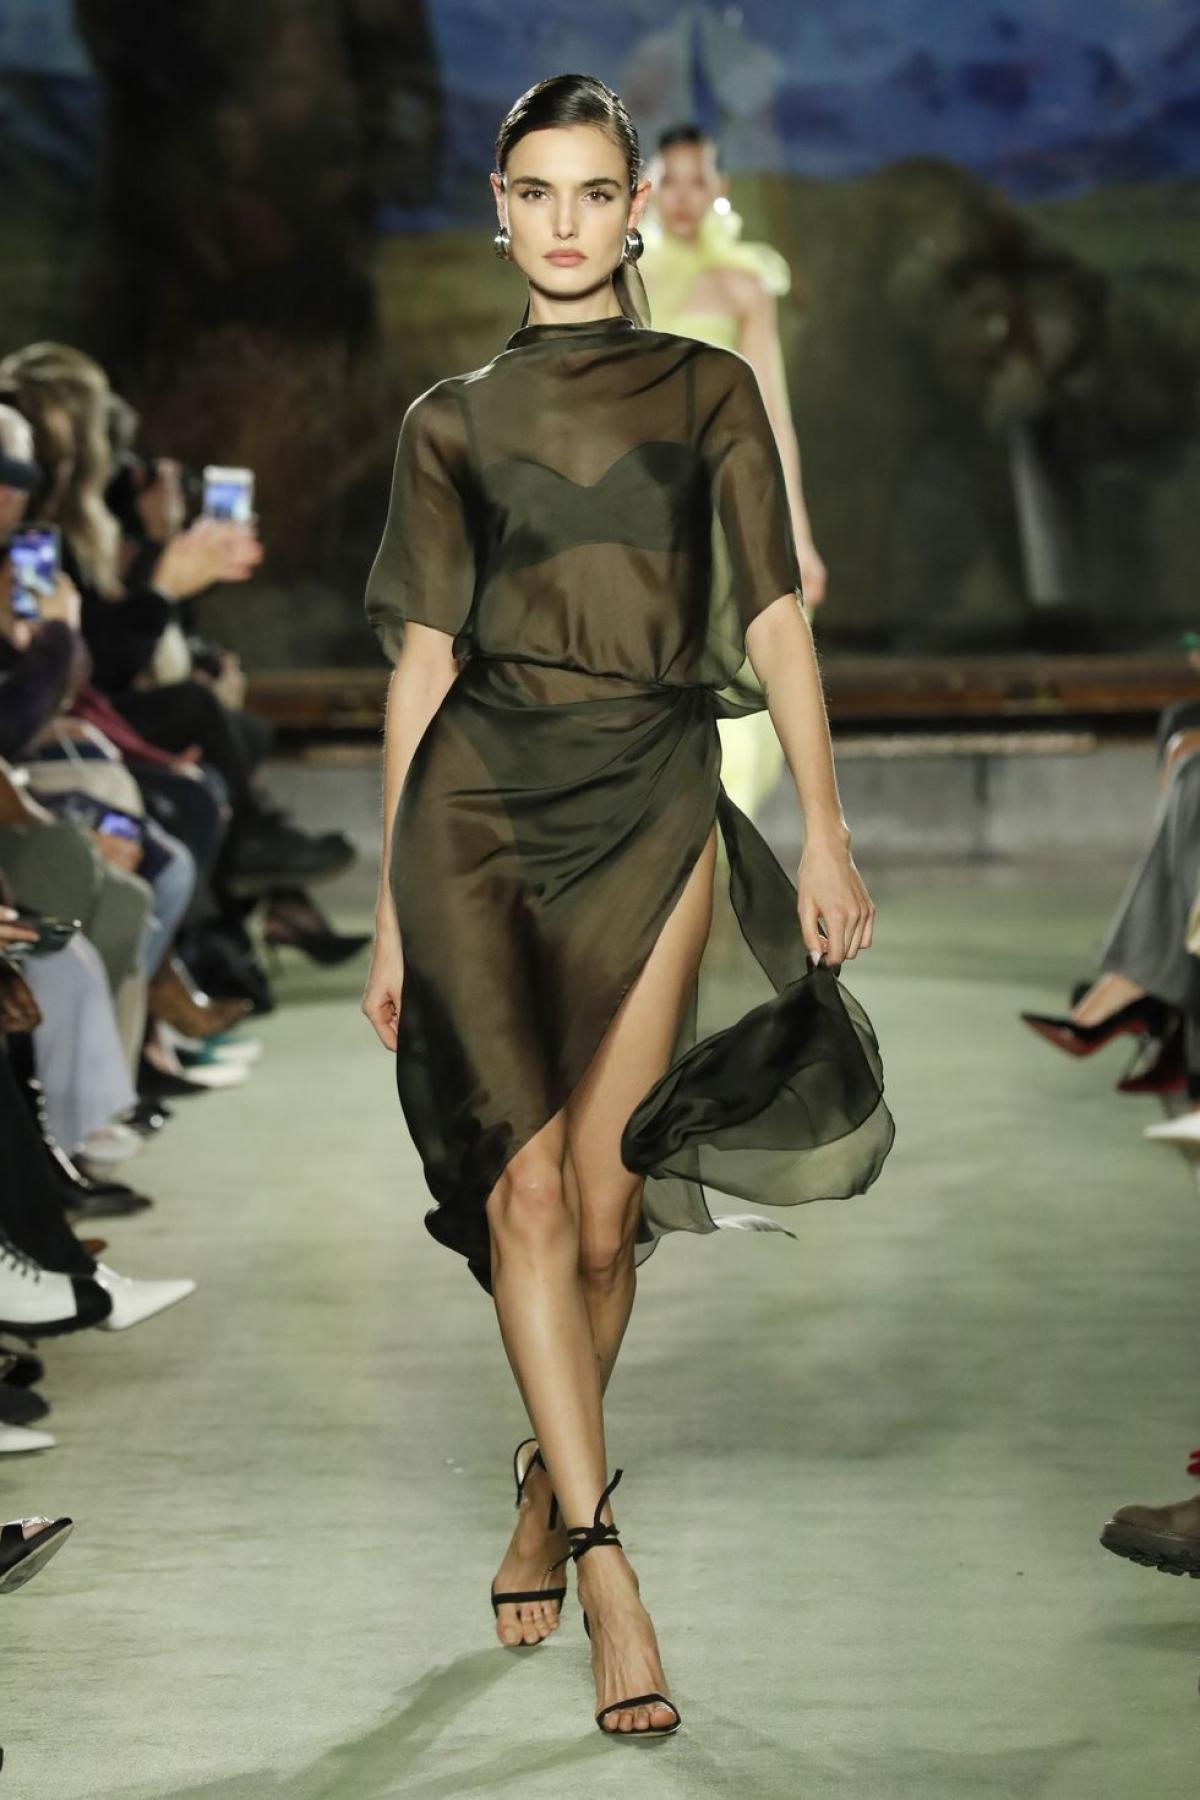 Váy xuyên thấu: Người yêu thời trang chắc hẳn không thể quênchiếc váy xuyên thấu mang tính biểu tượng của Kate Moss năm 1993. Chiếc váy này đã đi vào lịch sử thời trangnhưngxu hướng này đã trở lại.NTK Brandon Maxwell đã đem trở lại trang phục huyền thoại này vào BST Thu 2020 ở NYFW tháng 2.